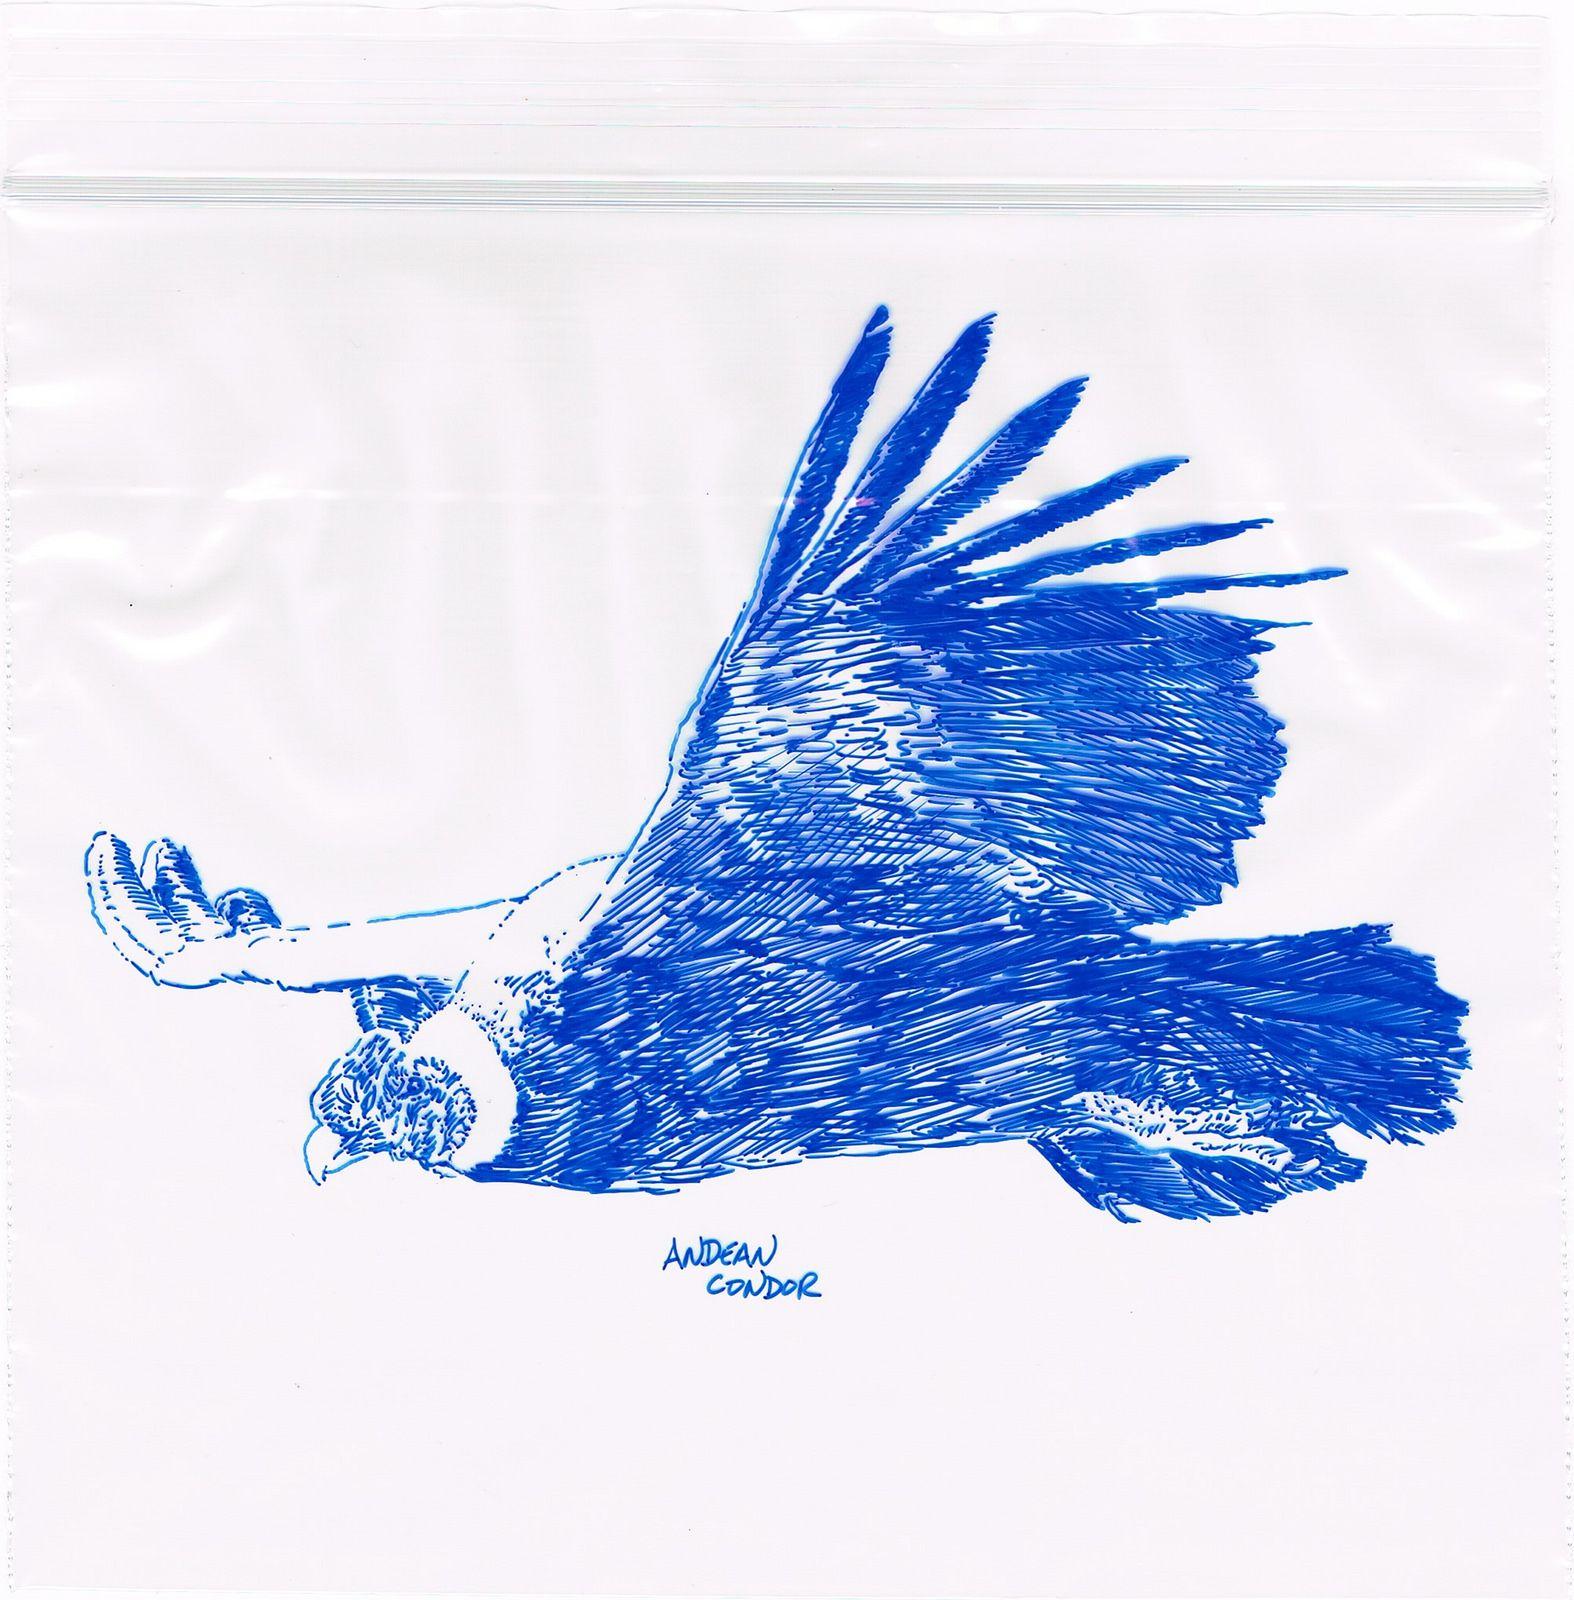 N&K_Sdwch_Andean-Condor1 | Andean condor and Animal